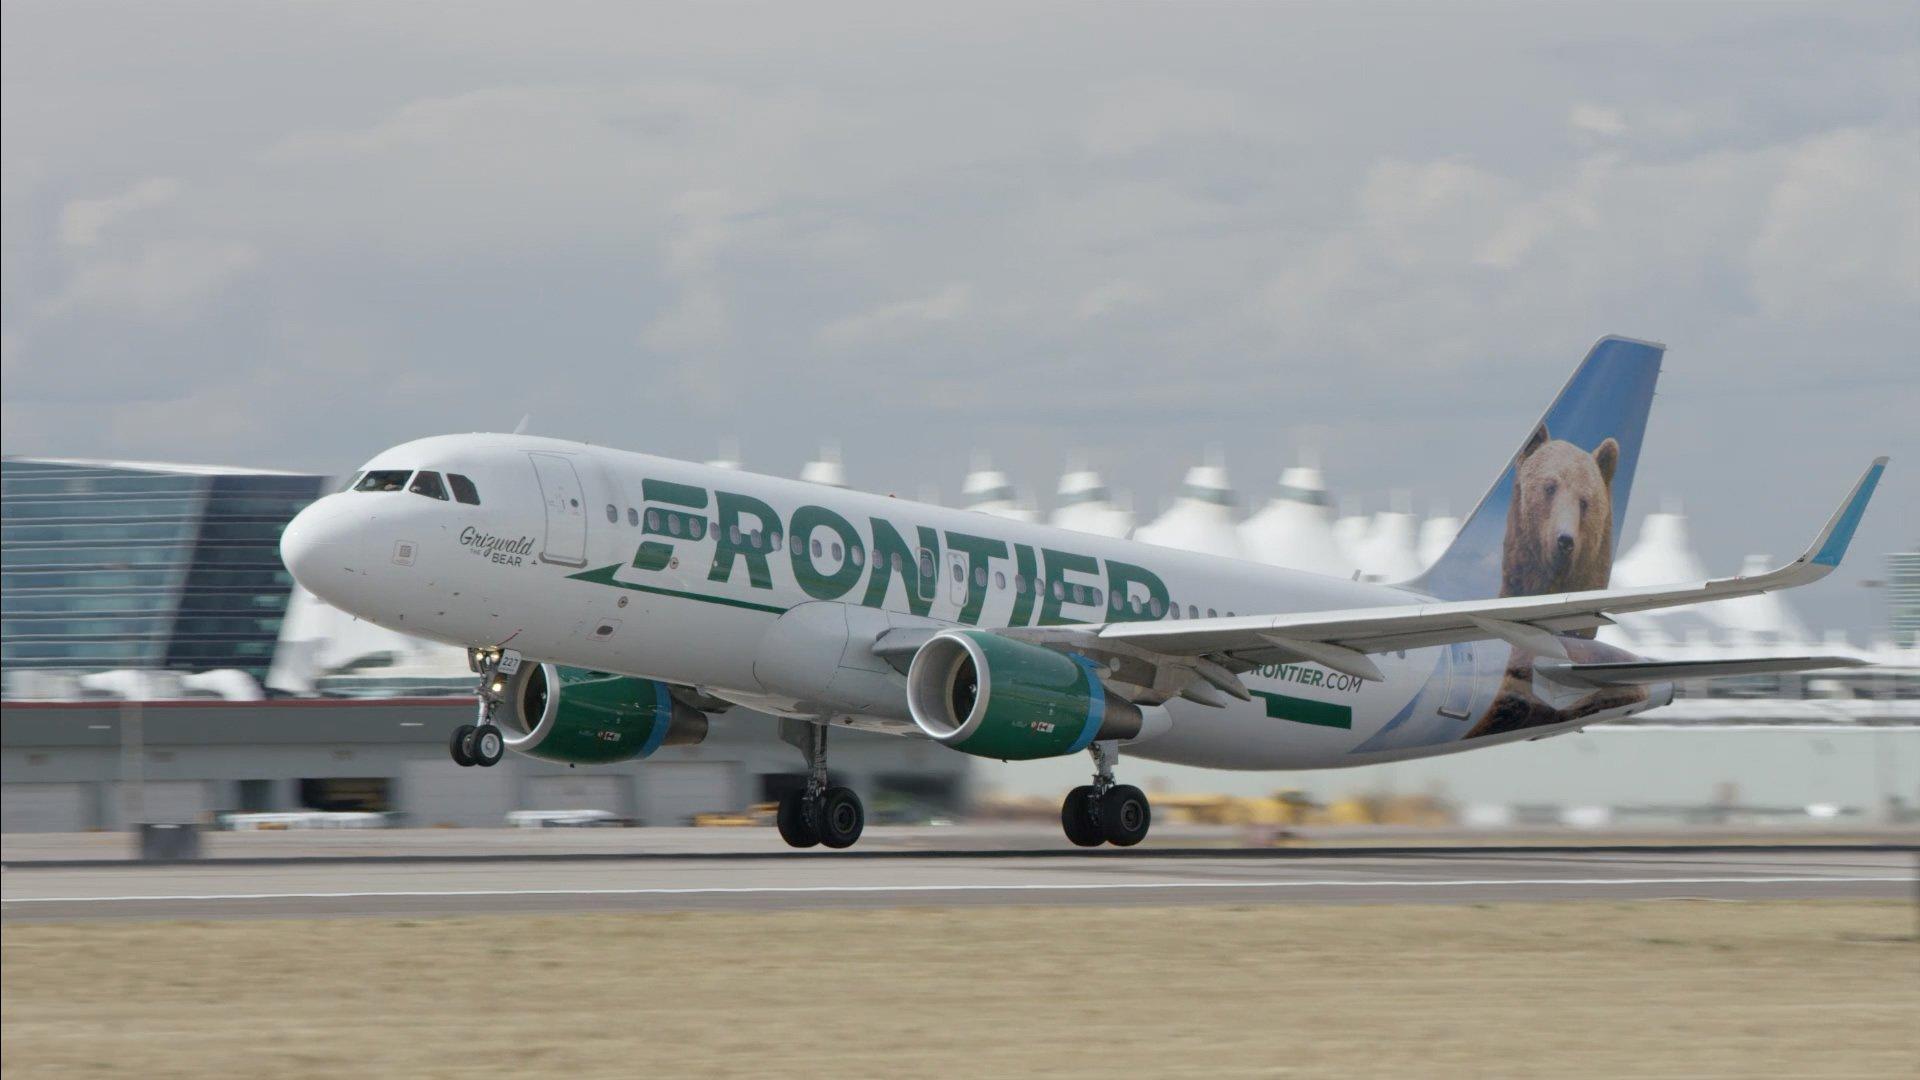 Una aerolínea permite que los niños viajen gratis: Kids Fly Free